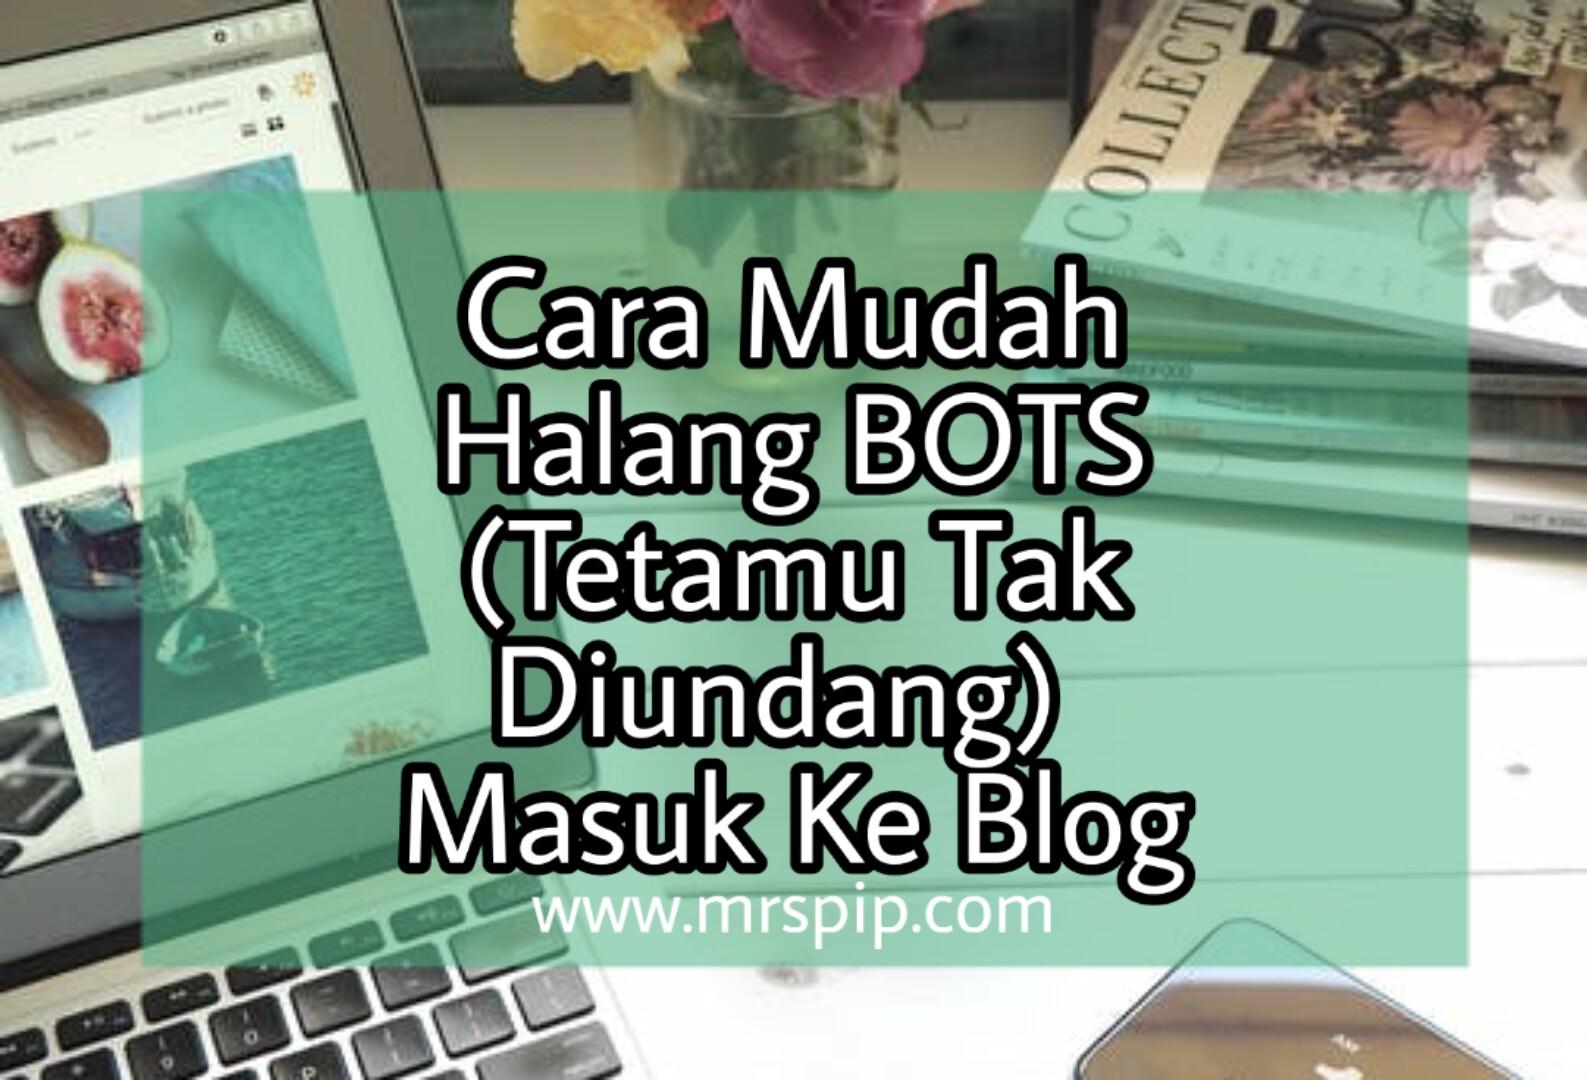 cara mudah halang bitsbots masuk blog